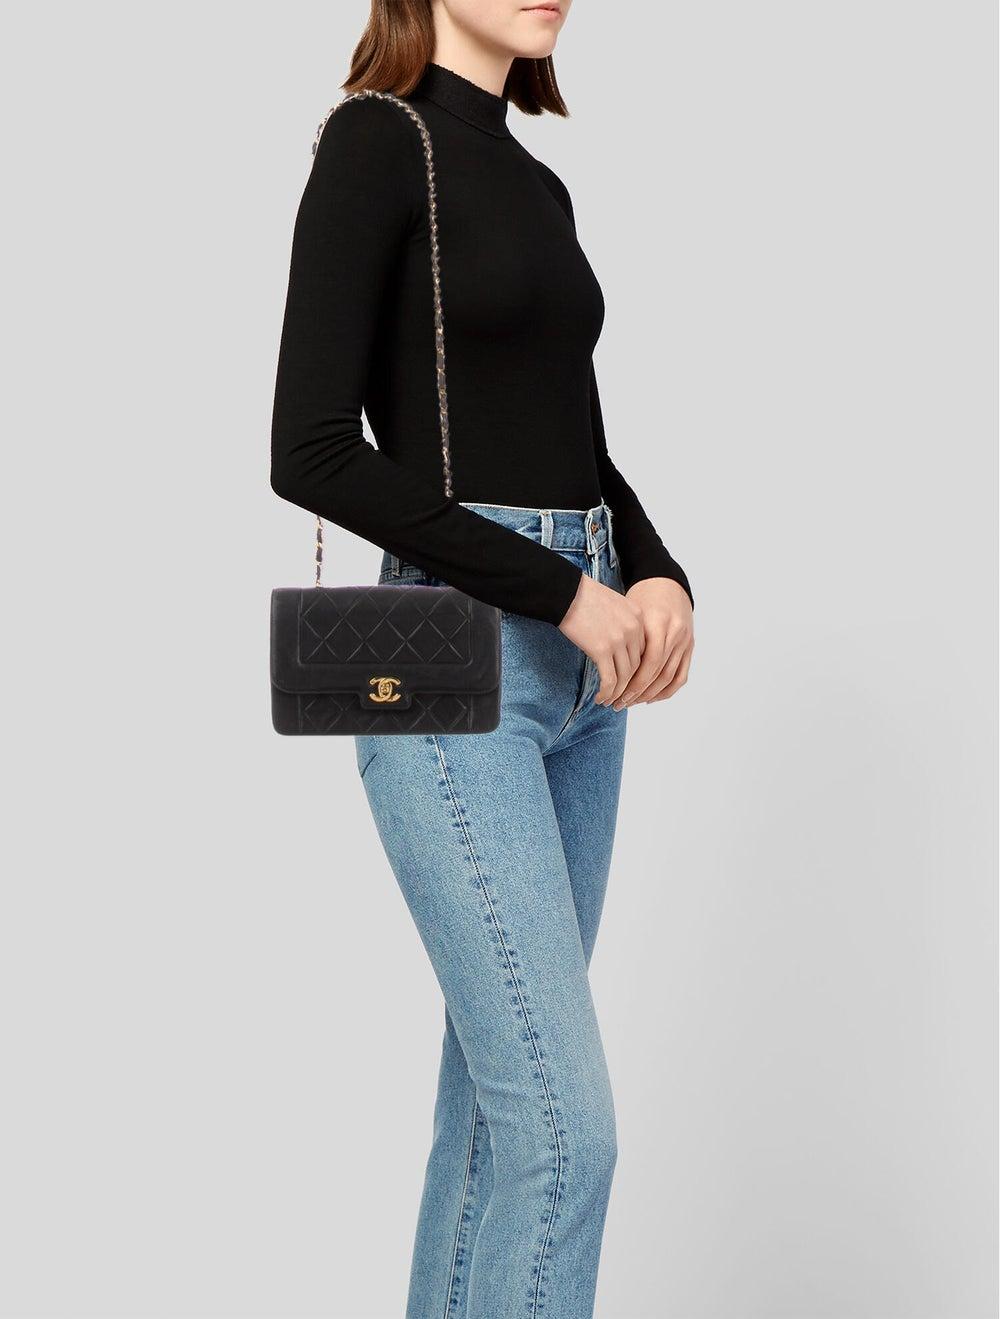 Chanel Vintage Diana Flap Bag Blue - image 2